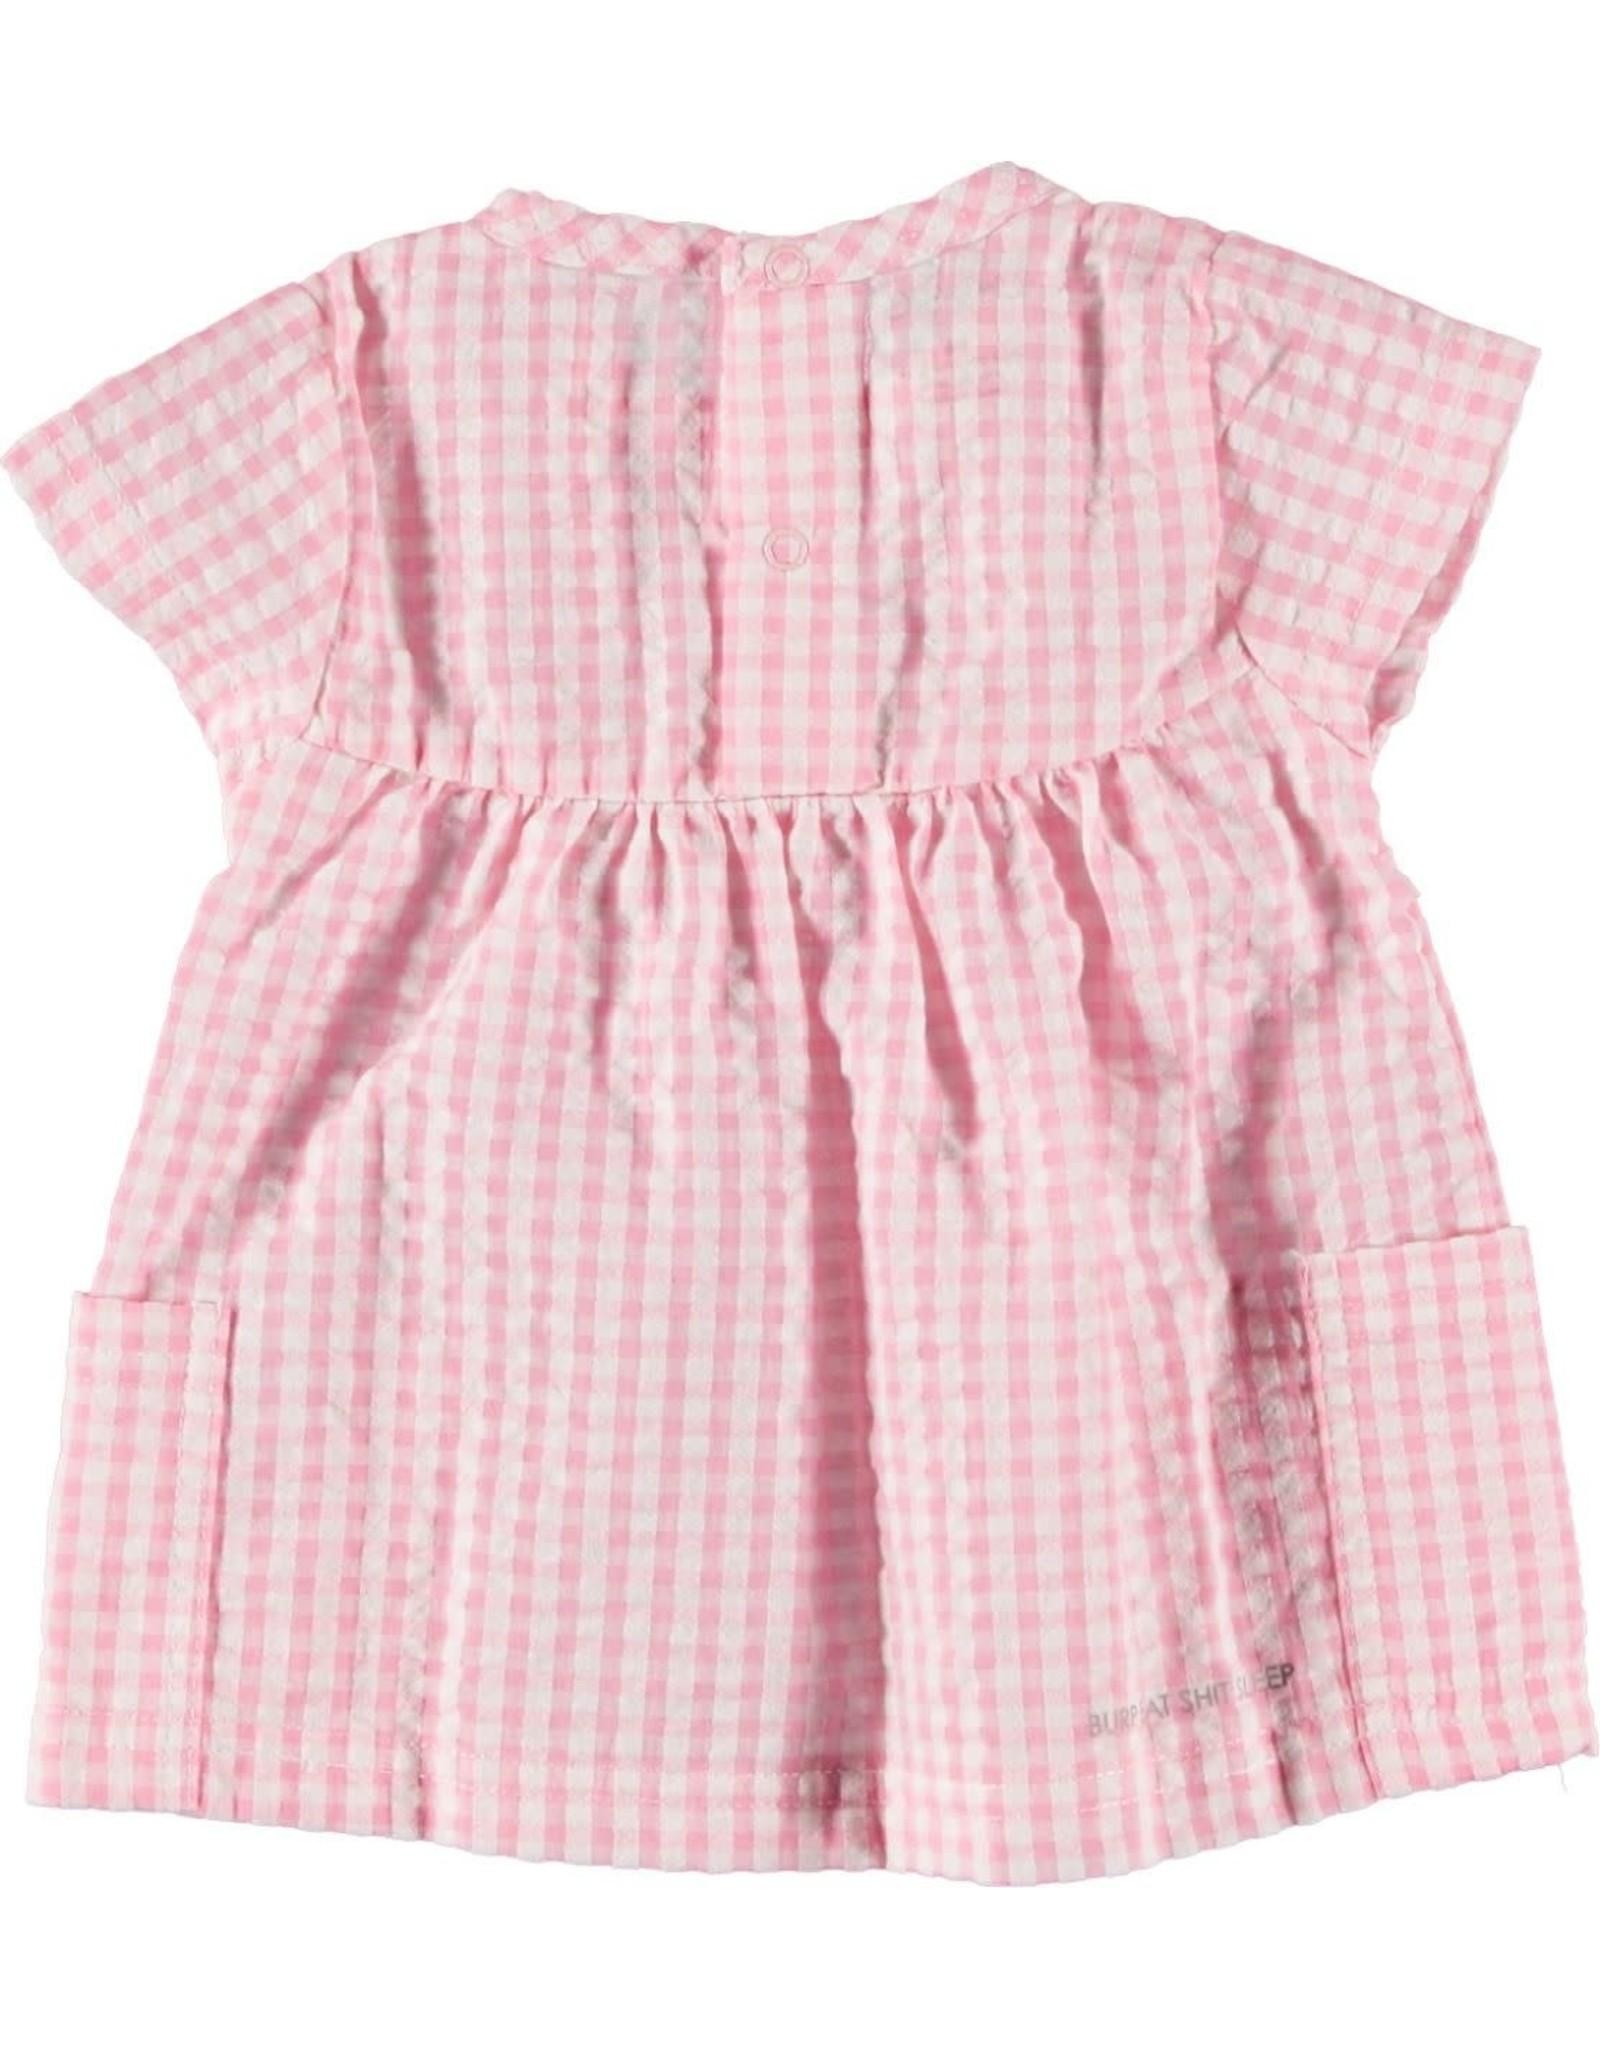 B*E*S*S 21068 blouse